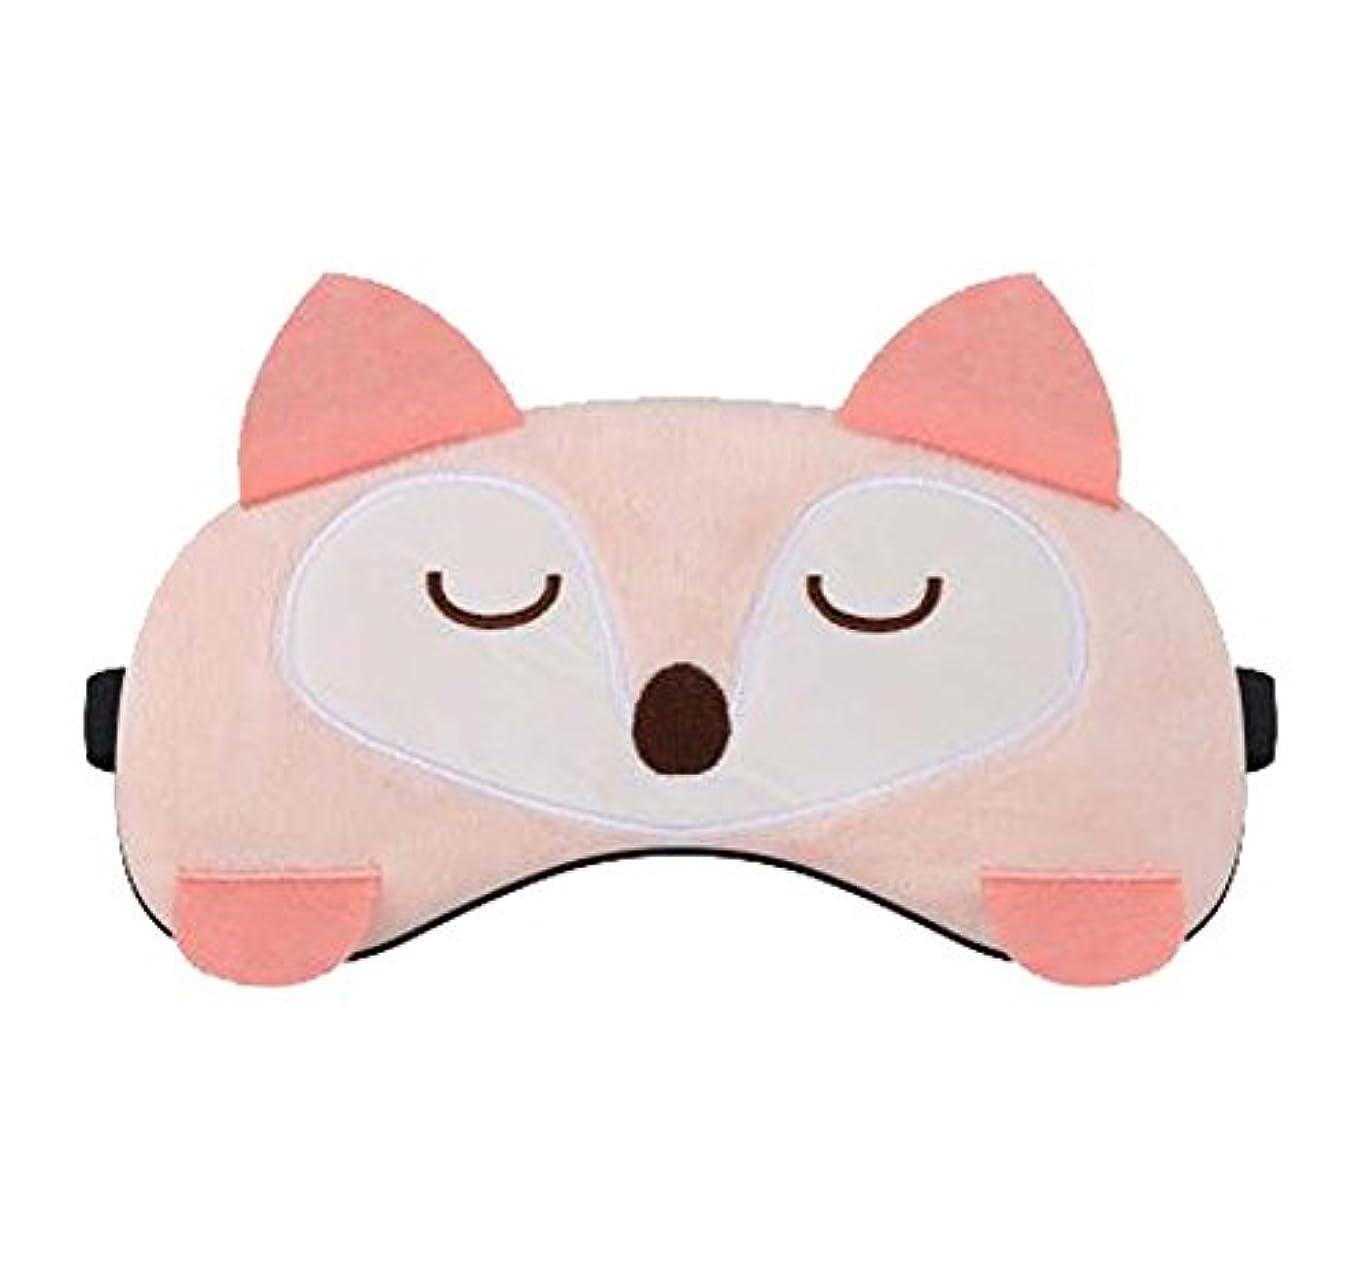 かわいい睡眠マスクアイマスク - セラピー不眠症 - 男性、女性、女の子、子供、A